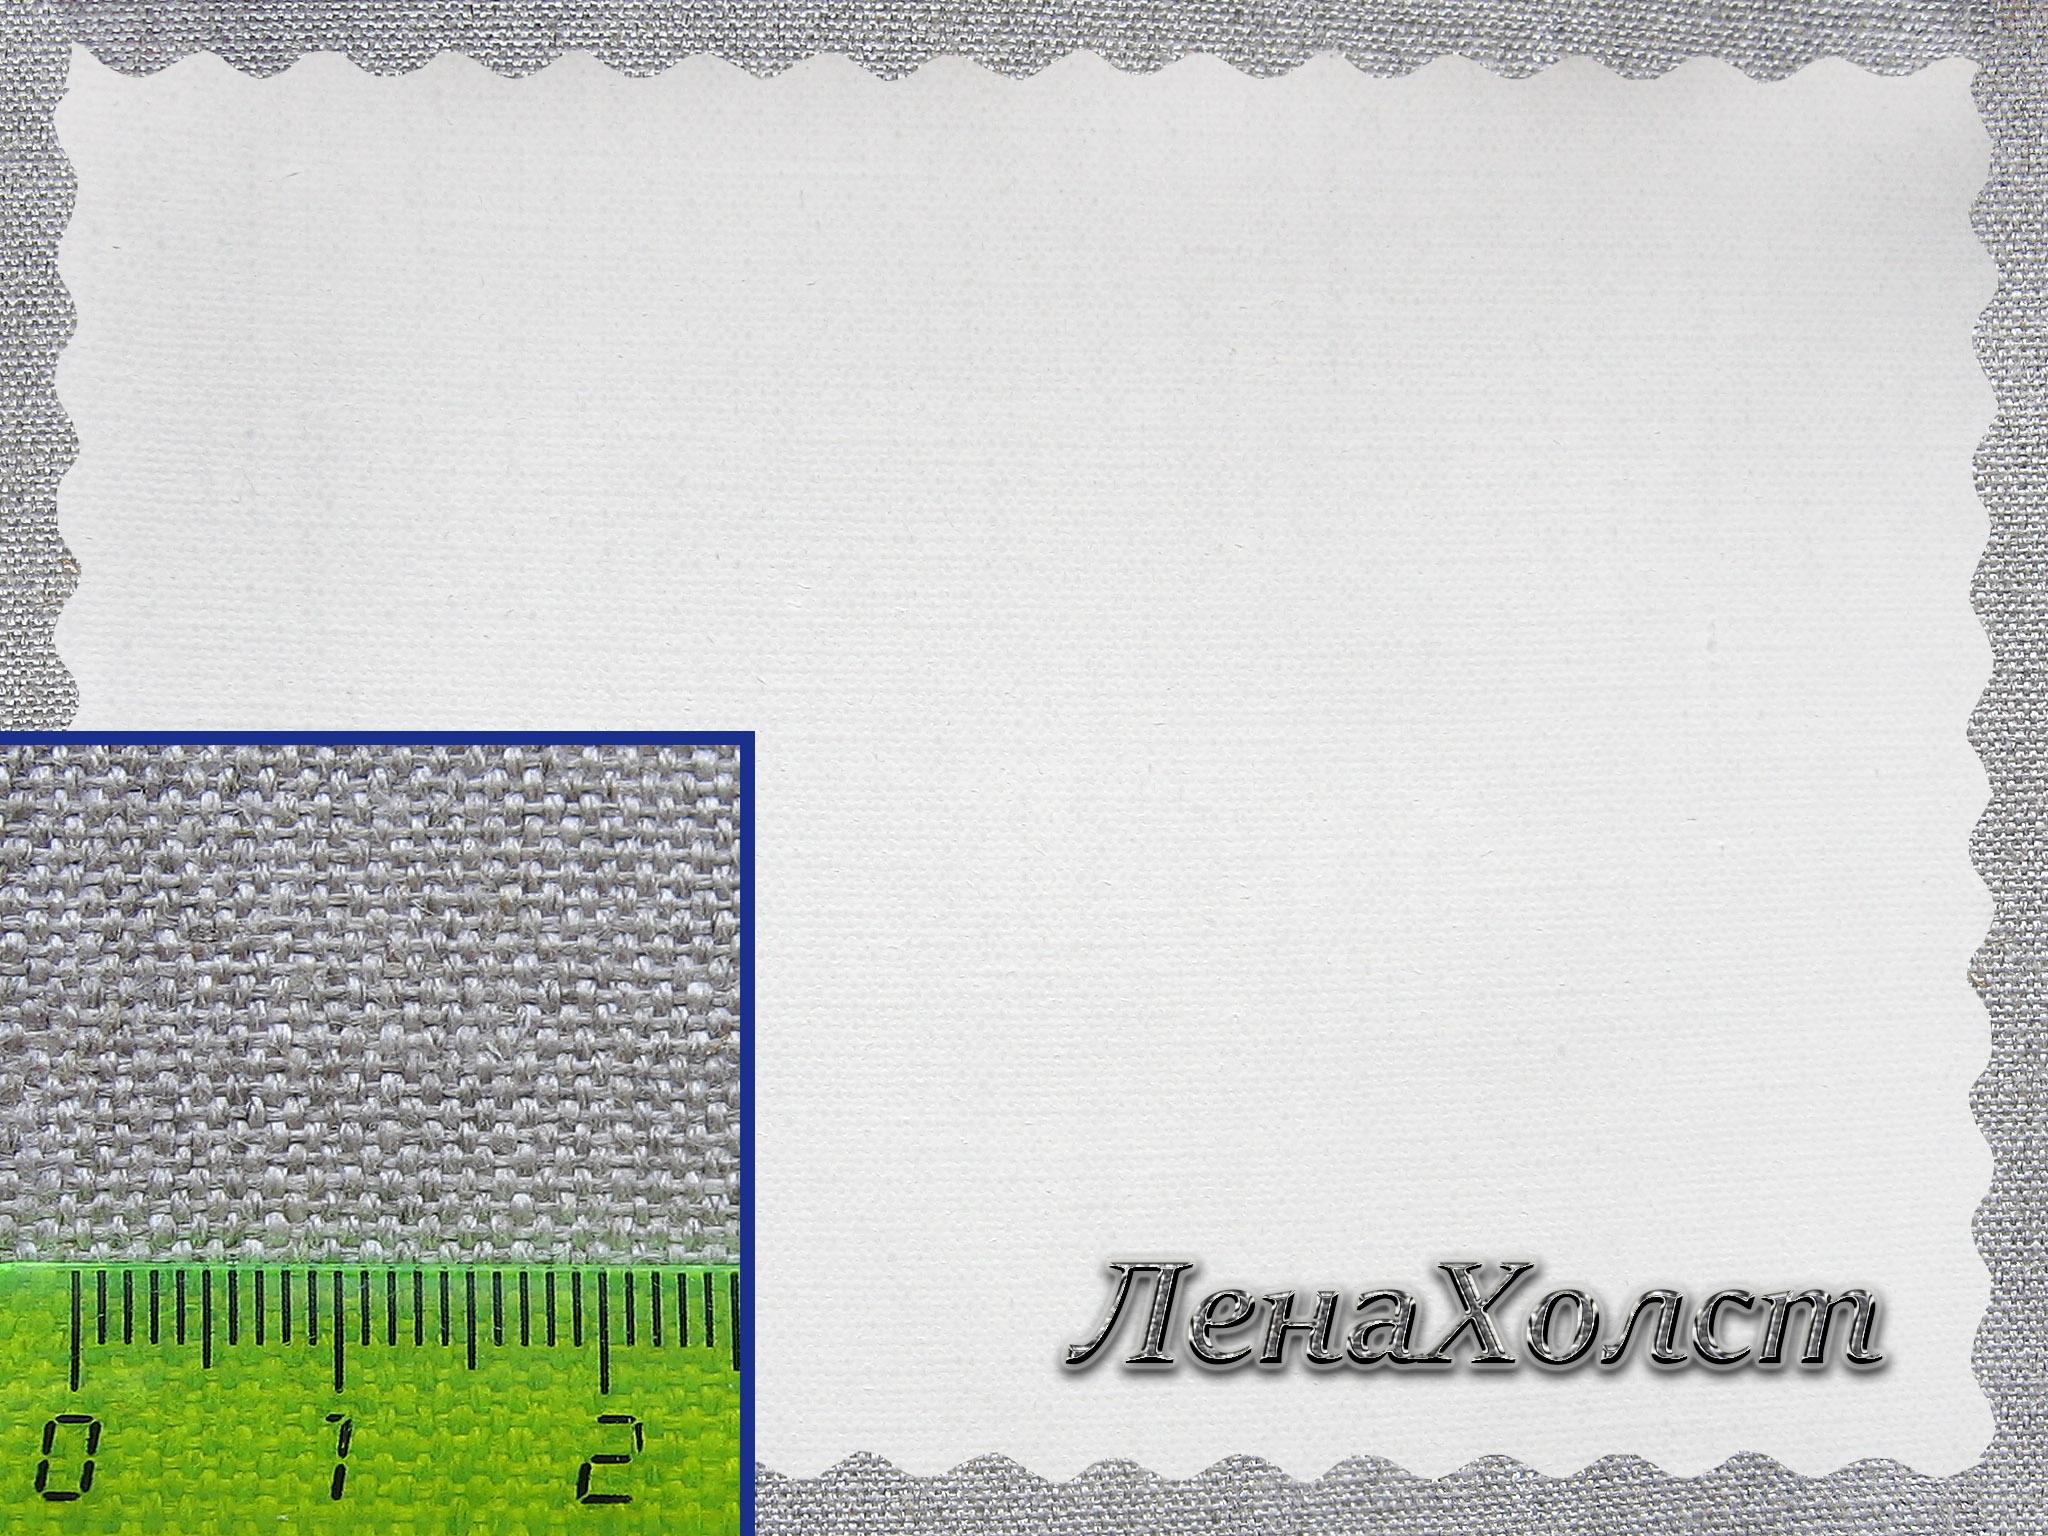 Грунтованный среднезернистый холст из 100% льна ЛЕНАХОЛСТ 360